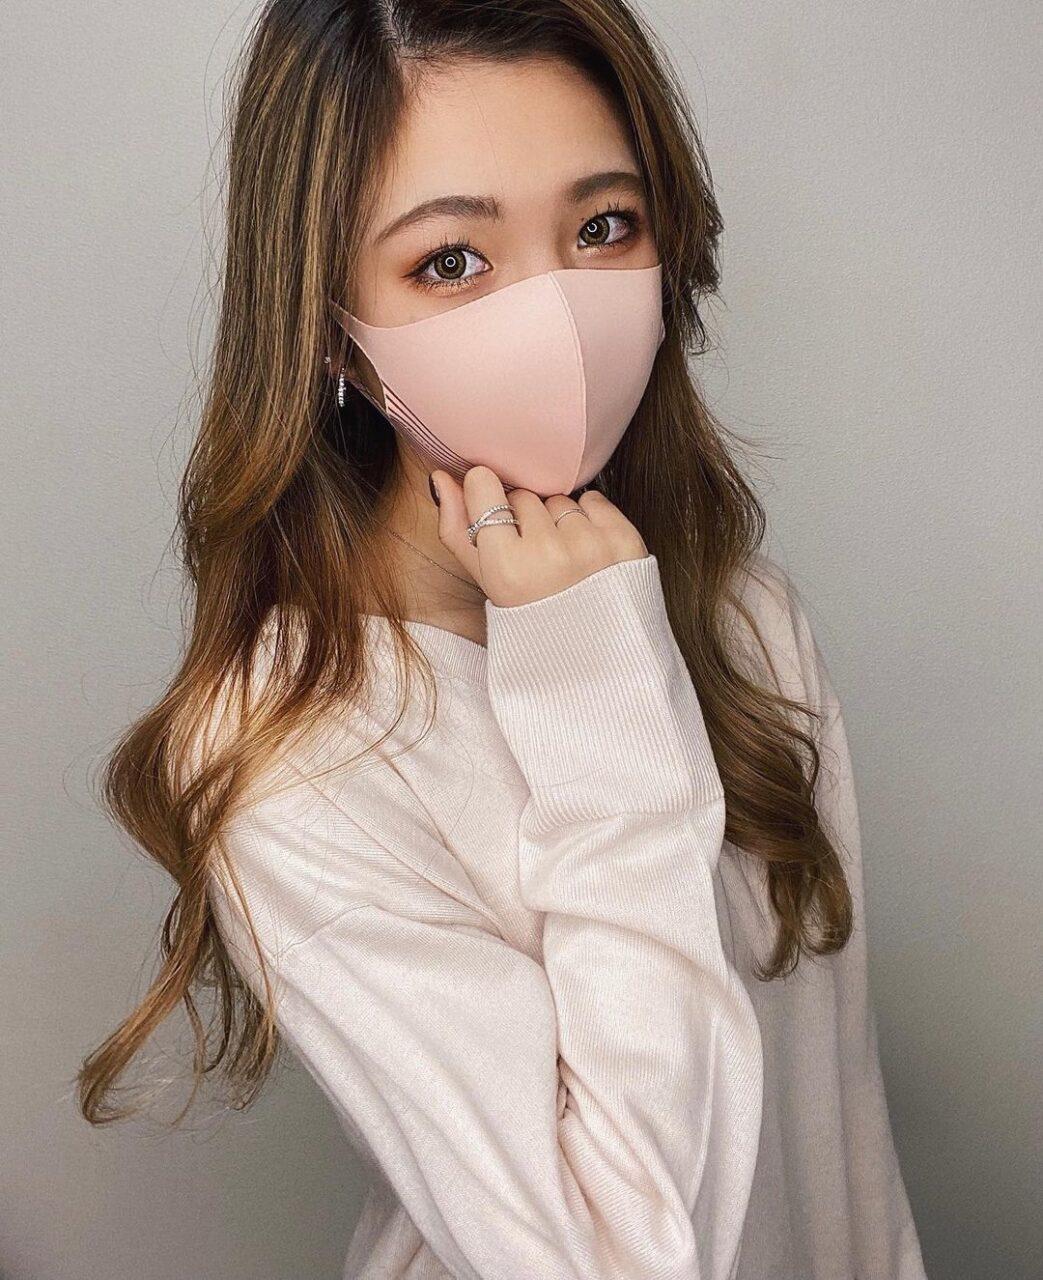 KATEから「小顔シルエットマスク」が発売!'マスク色メイク'にトライしてみない?